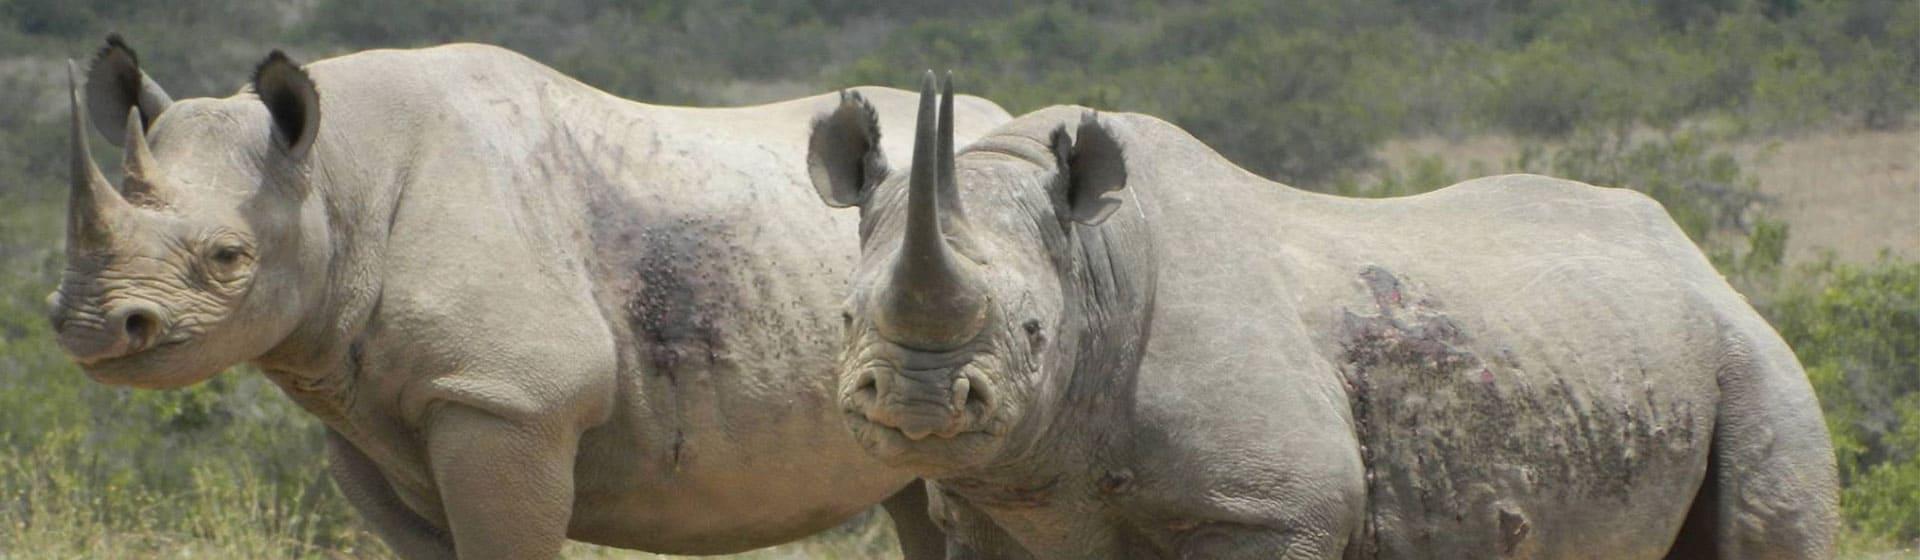 Kenya safari to Ol Pejeta conservancy